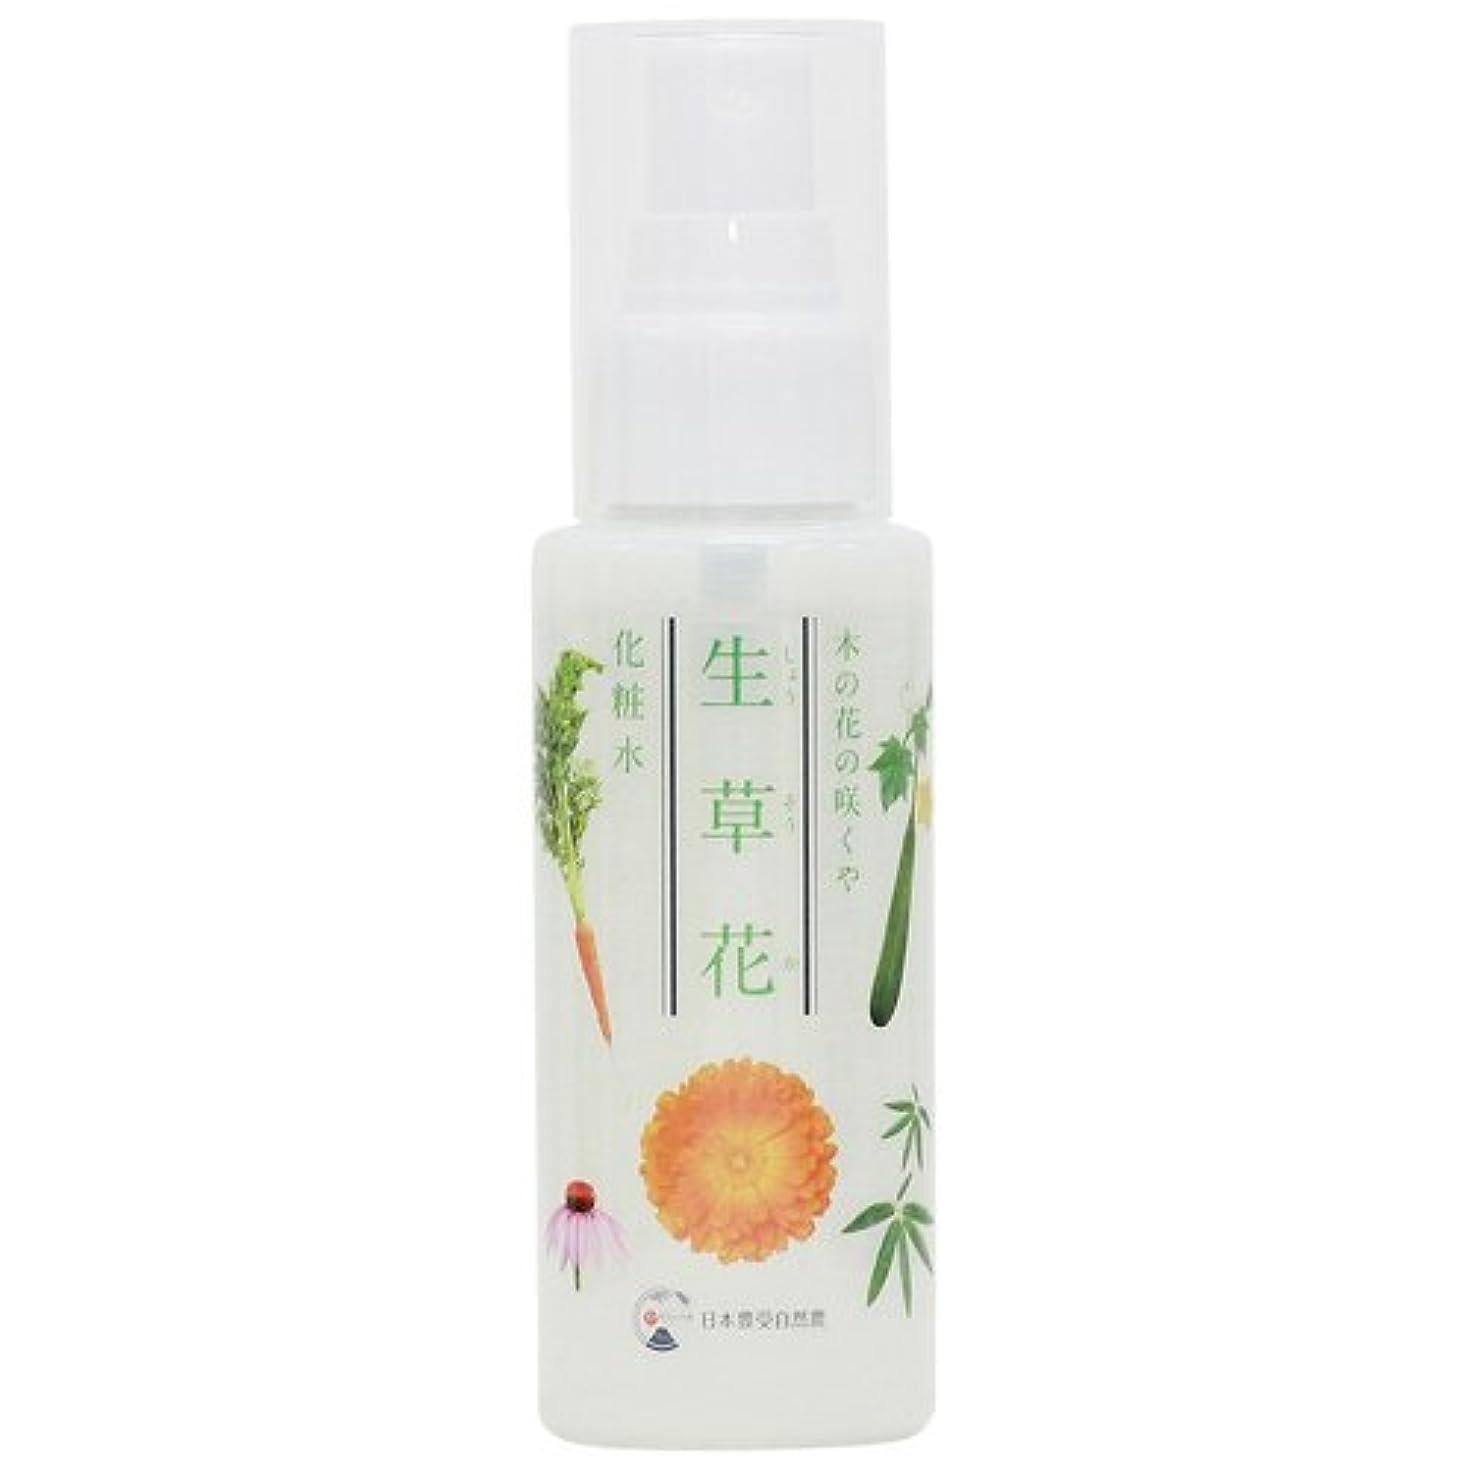 ゲインセイ月曜日戦艦日本豊受自然農 木の花の咲くや 生草花 化粧水 80ml